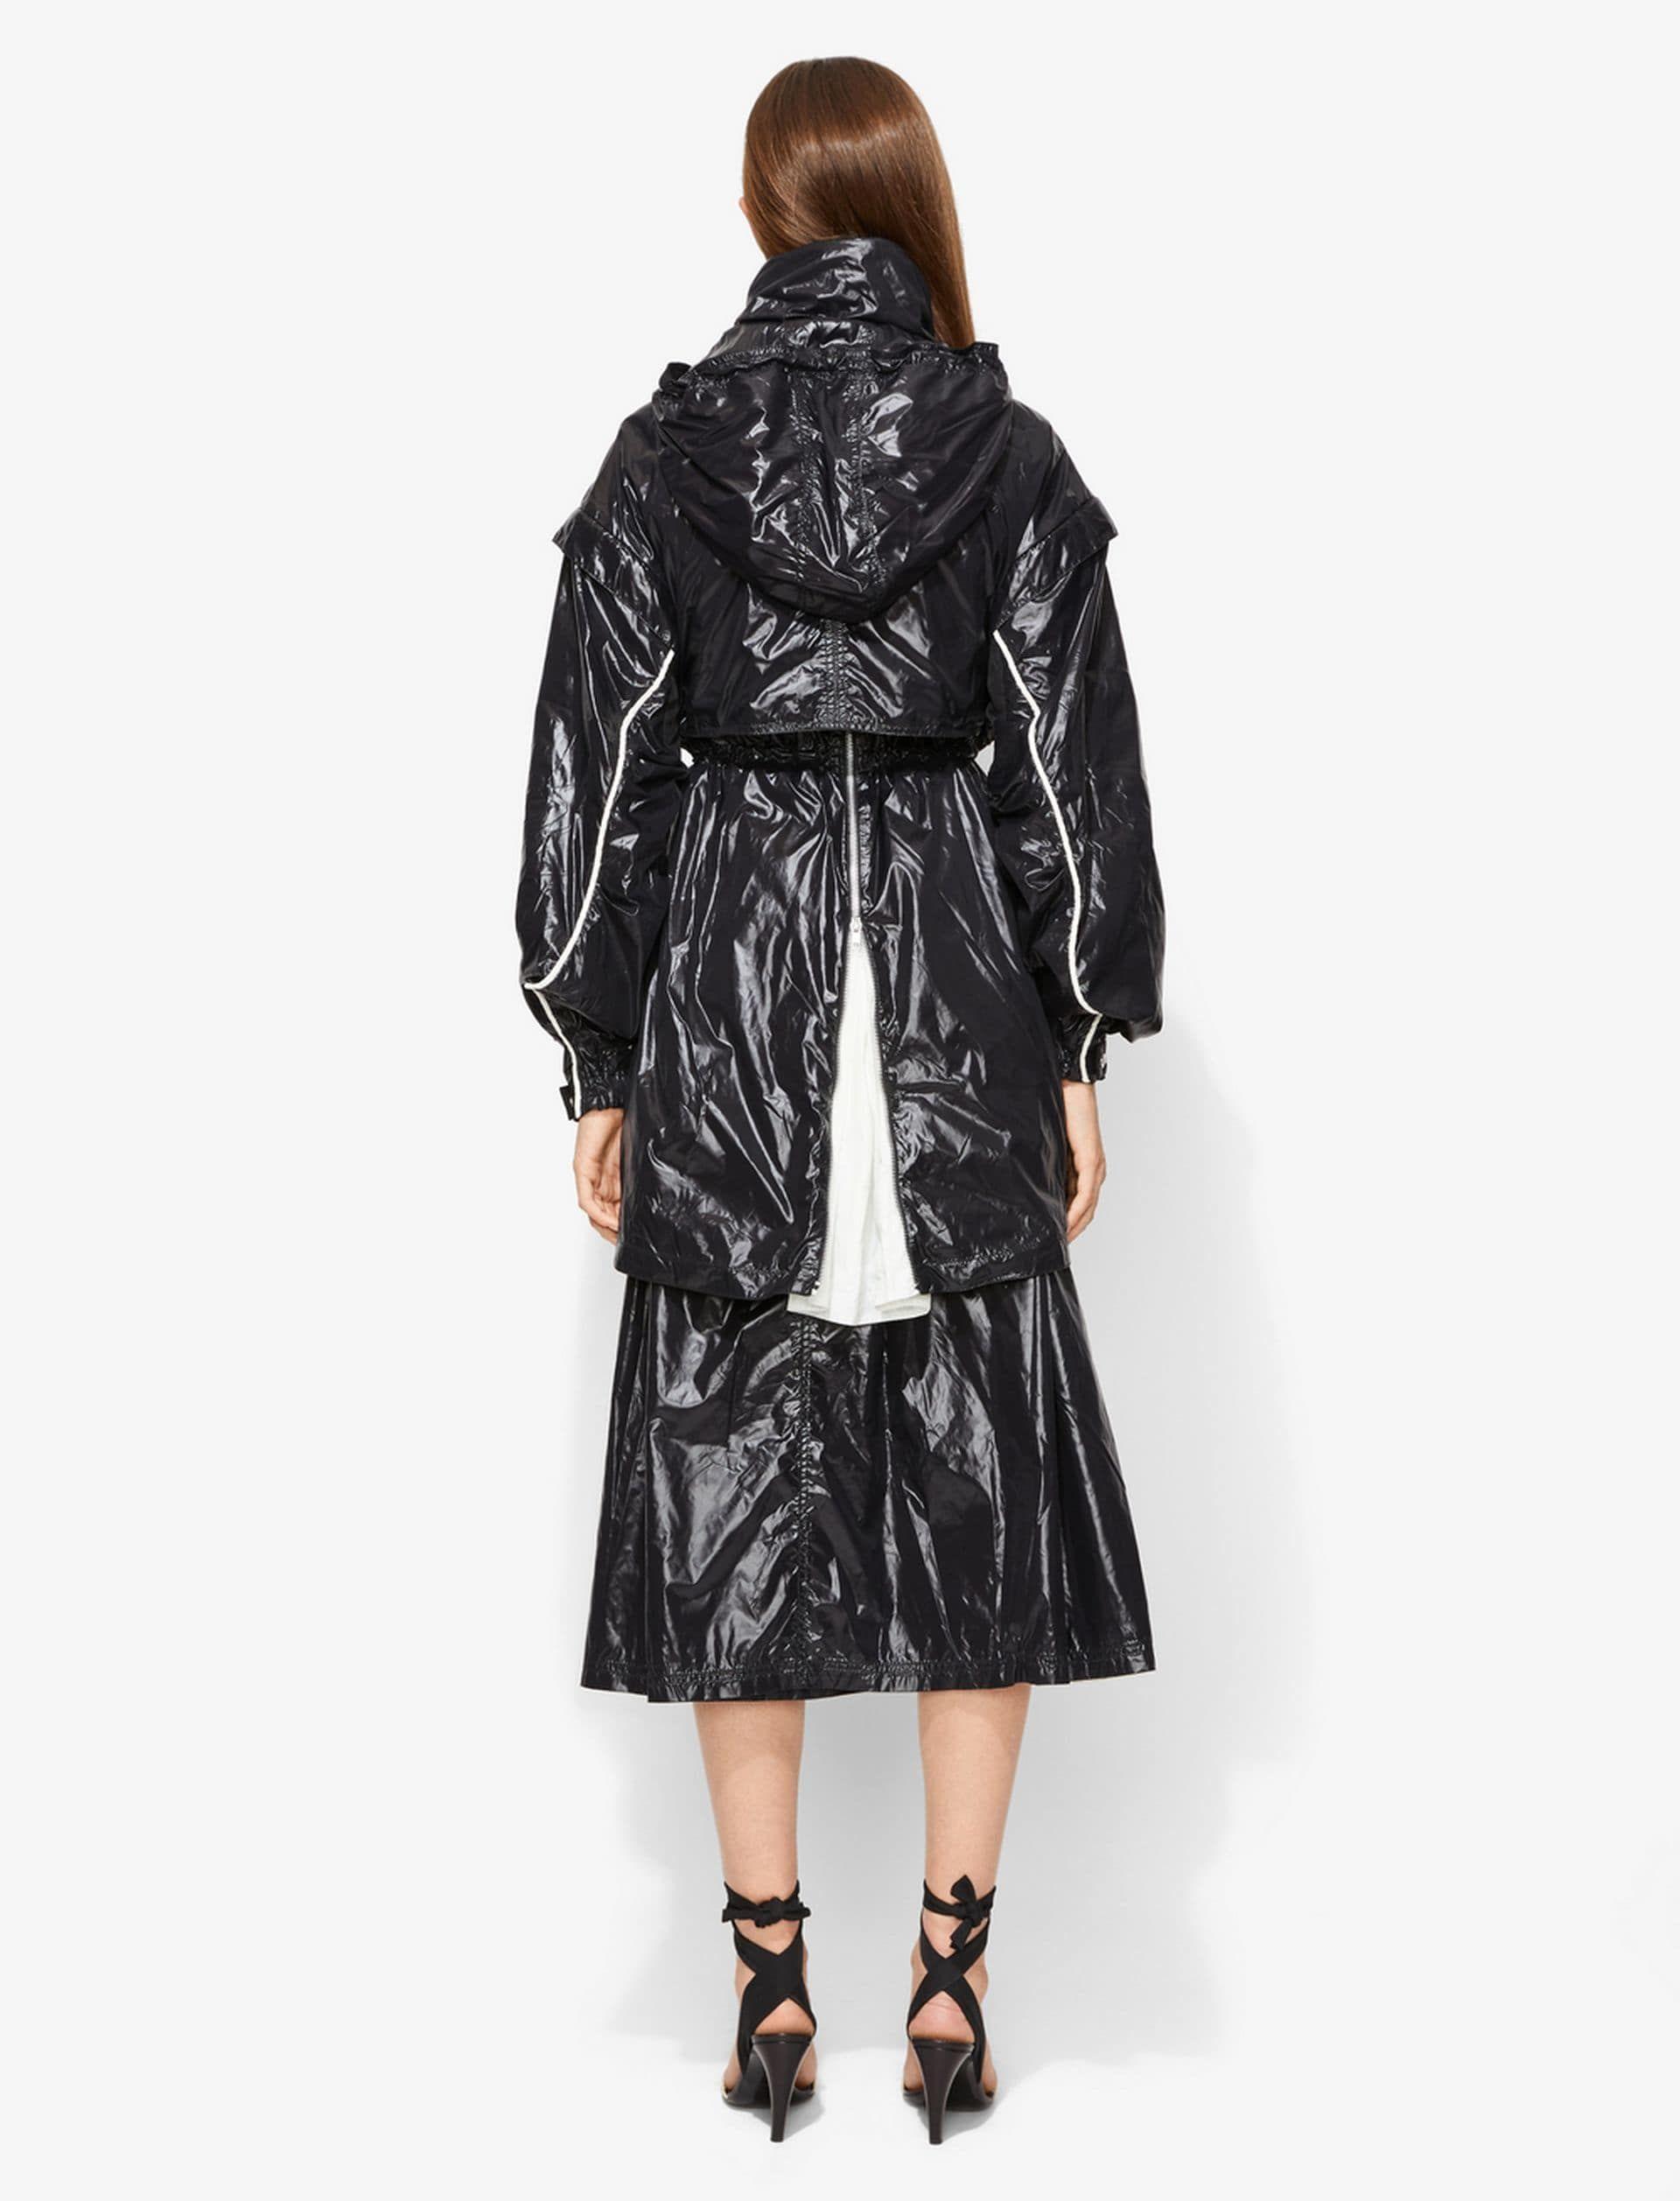 Glossy nylon jacket fetish